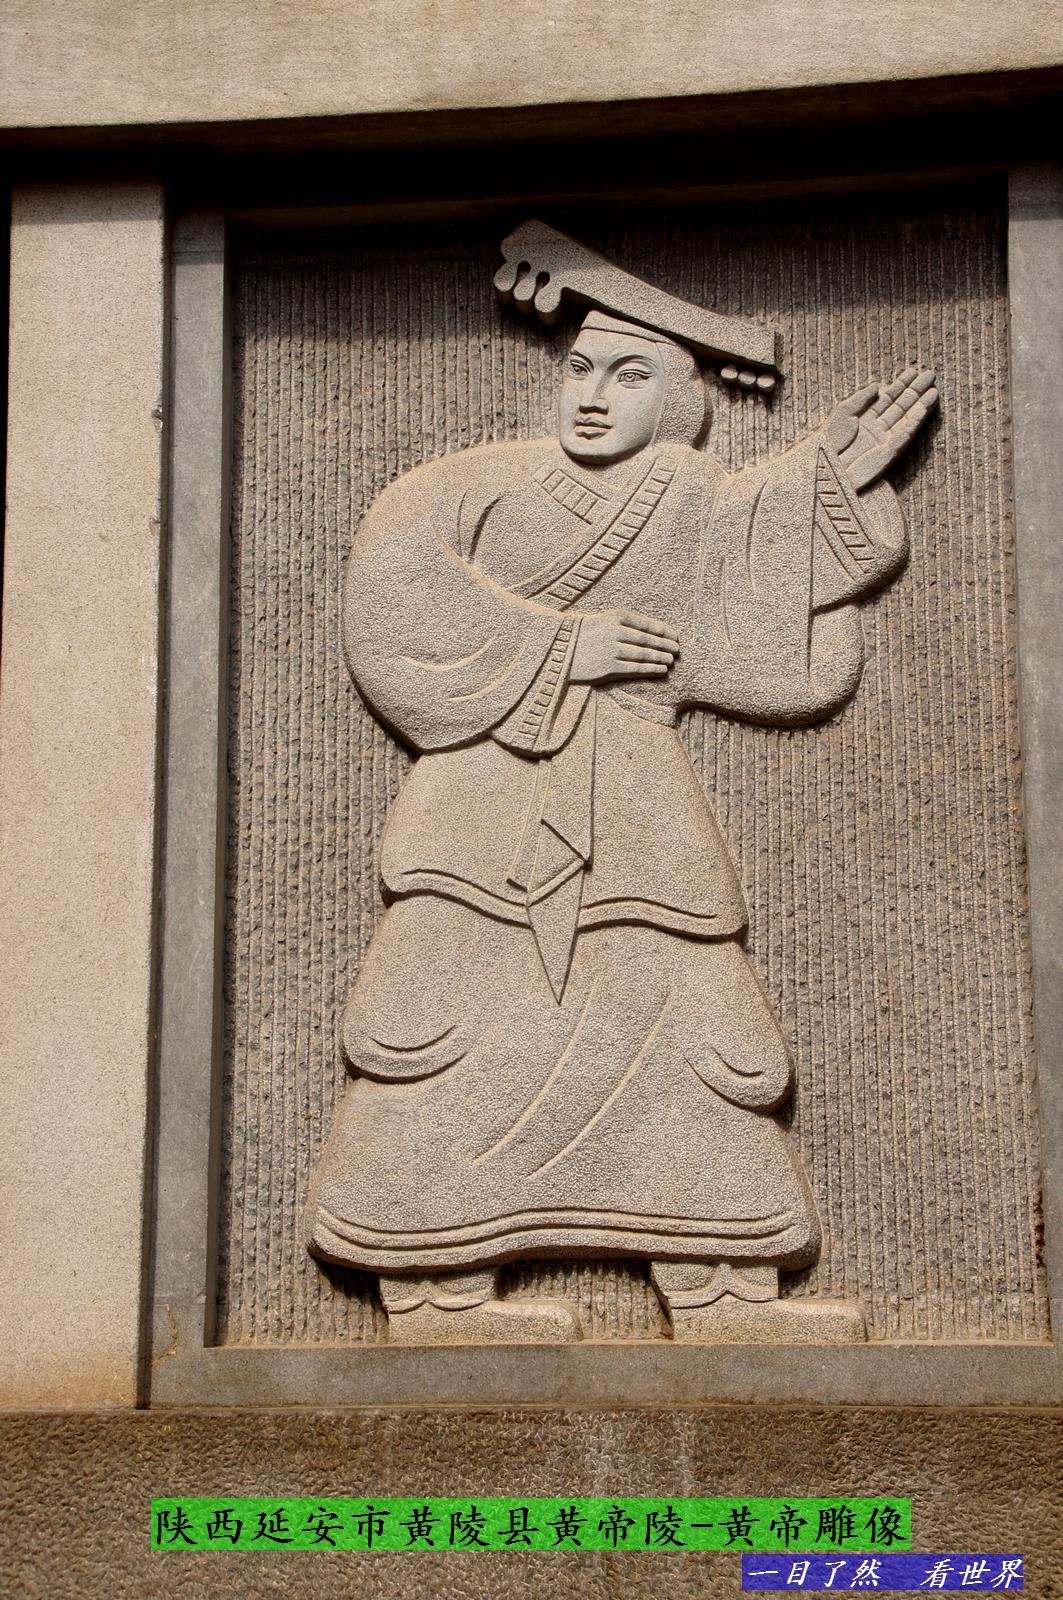 黄帝陵景区-黄帝雕像-49-1600.jpg